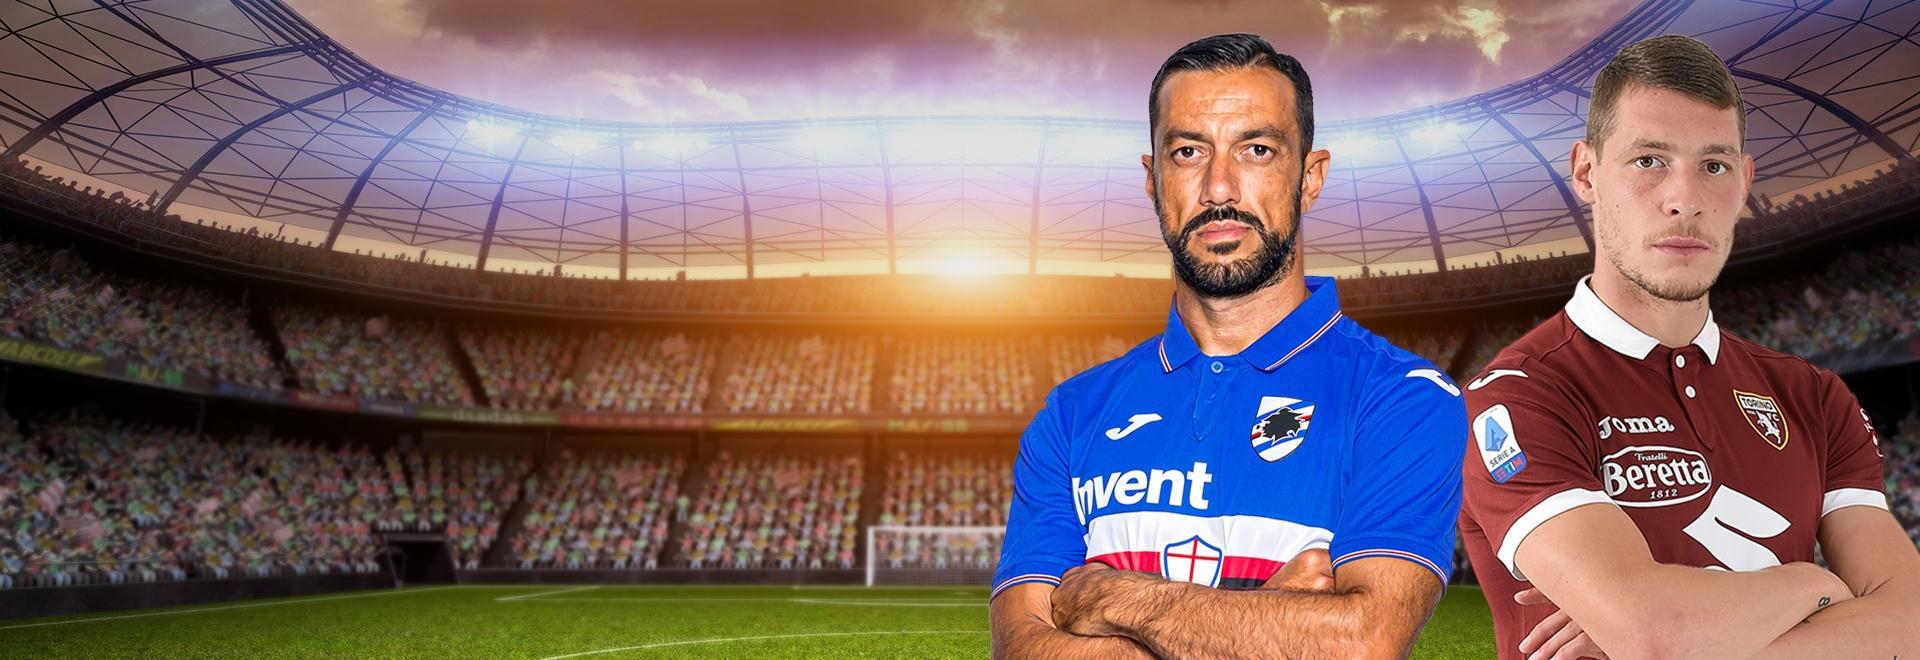 Sampdoria - Torino